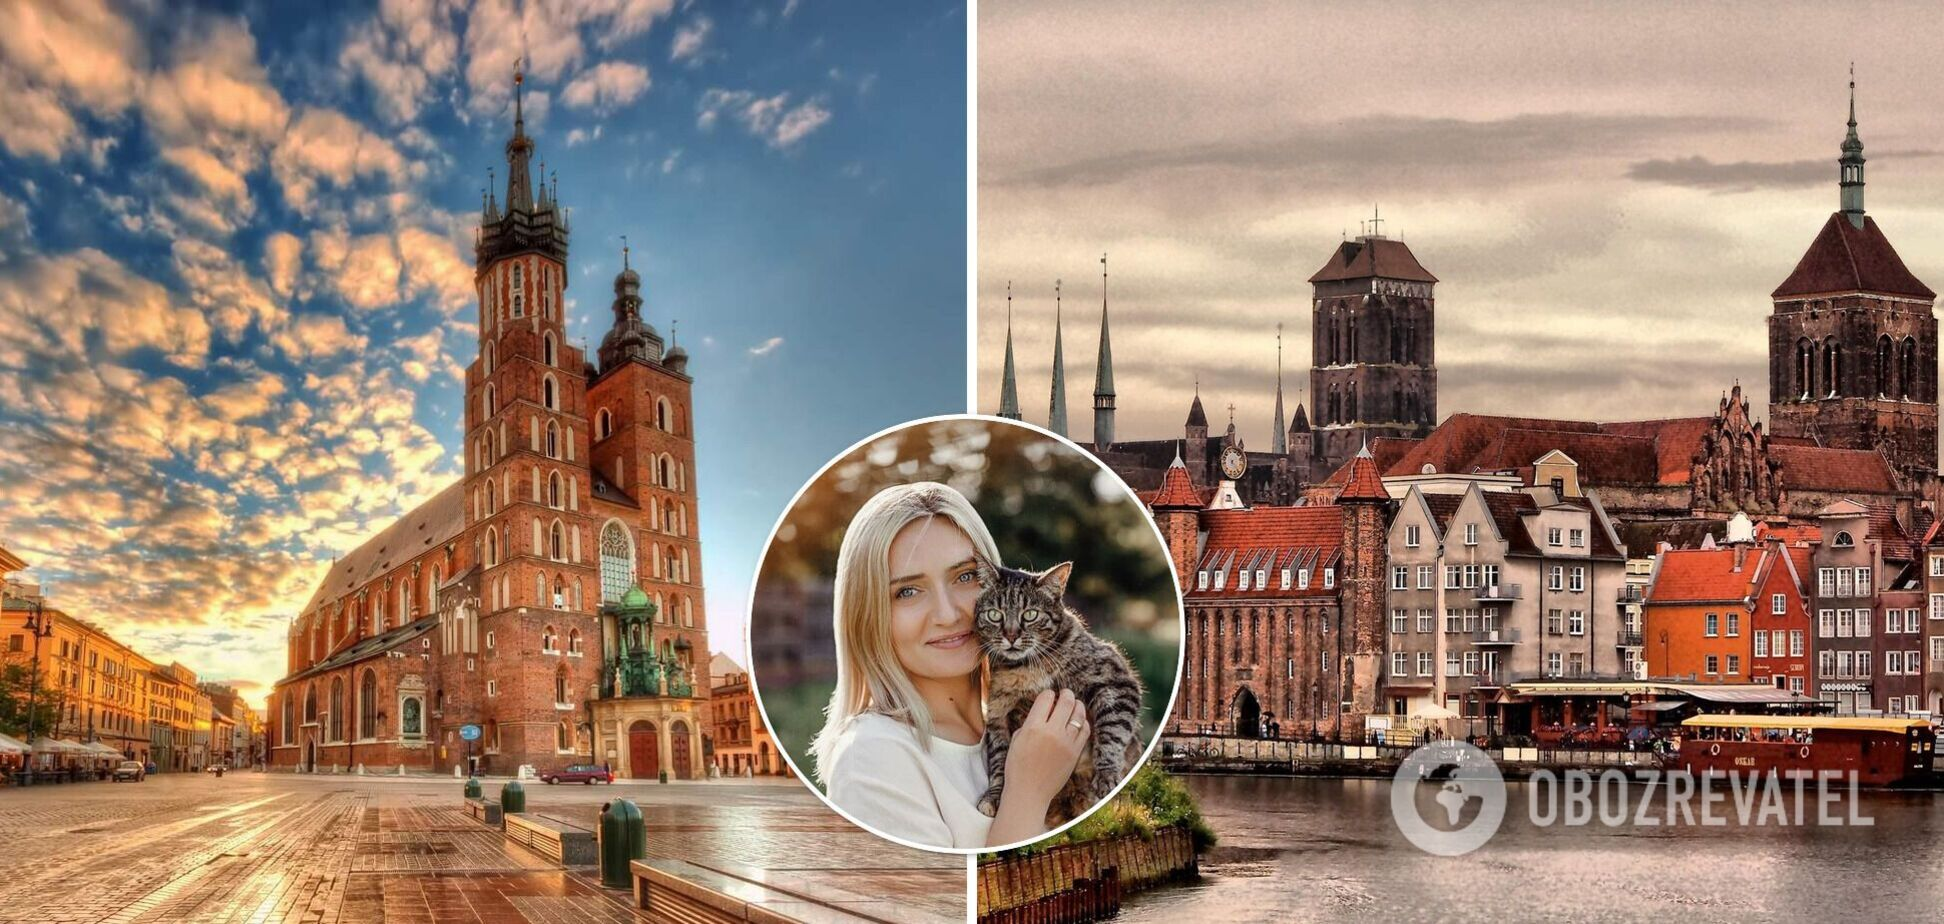 Средняя зарплата 40 тысяч гривен и советы для ПМЖ: украинка – об особенностях жизни в Польше